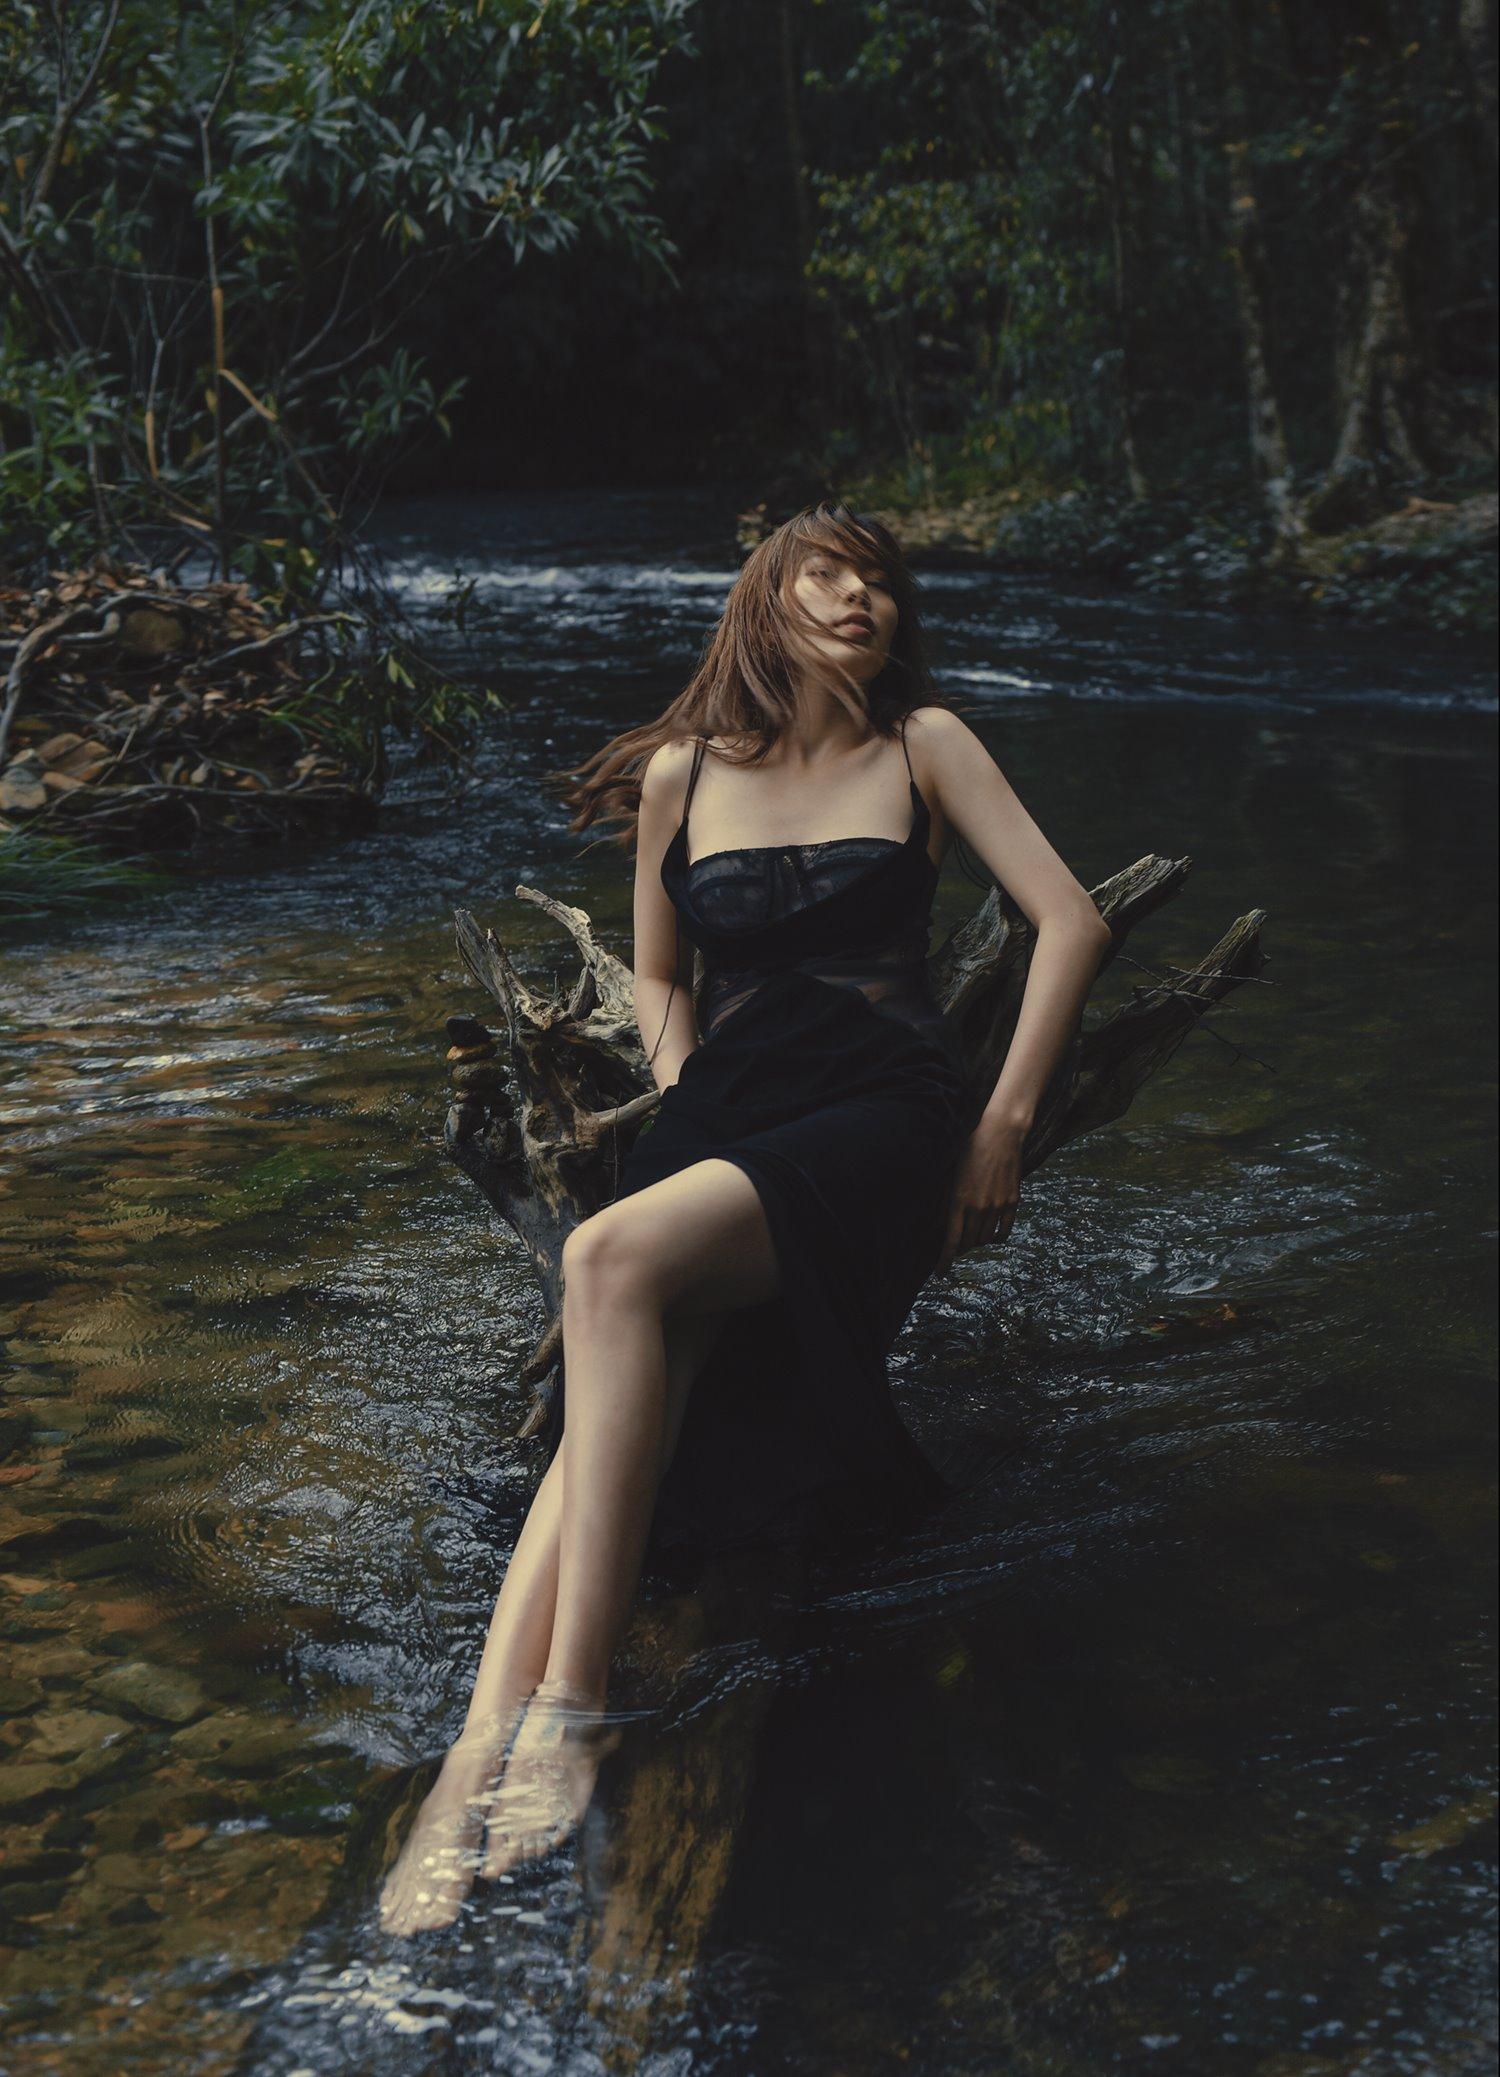 Lựa chọn khung cảnh rừng hoang sơ, nữ ca sĩ không ngại đắm mình giữa dòng suối, tựa vào vách núi hay những ngọn đồi ngập tràn sắc xanh tạo nên những khoảnh khắc lạ lẫm.